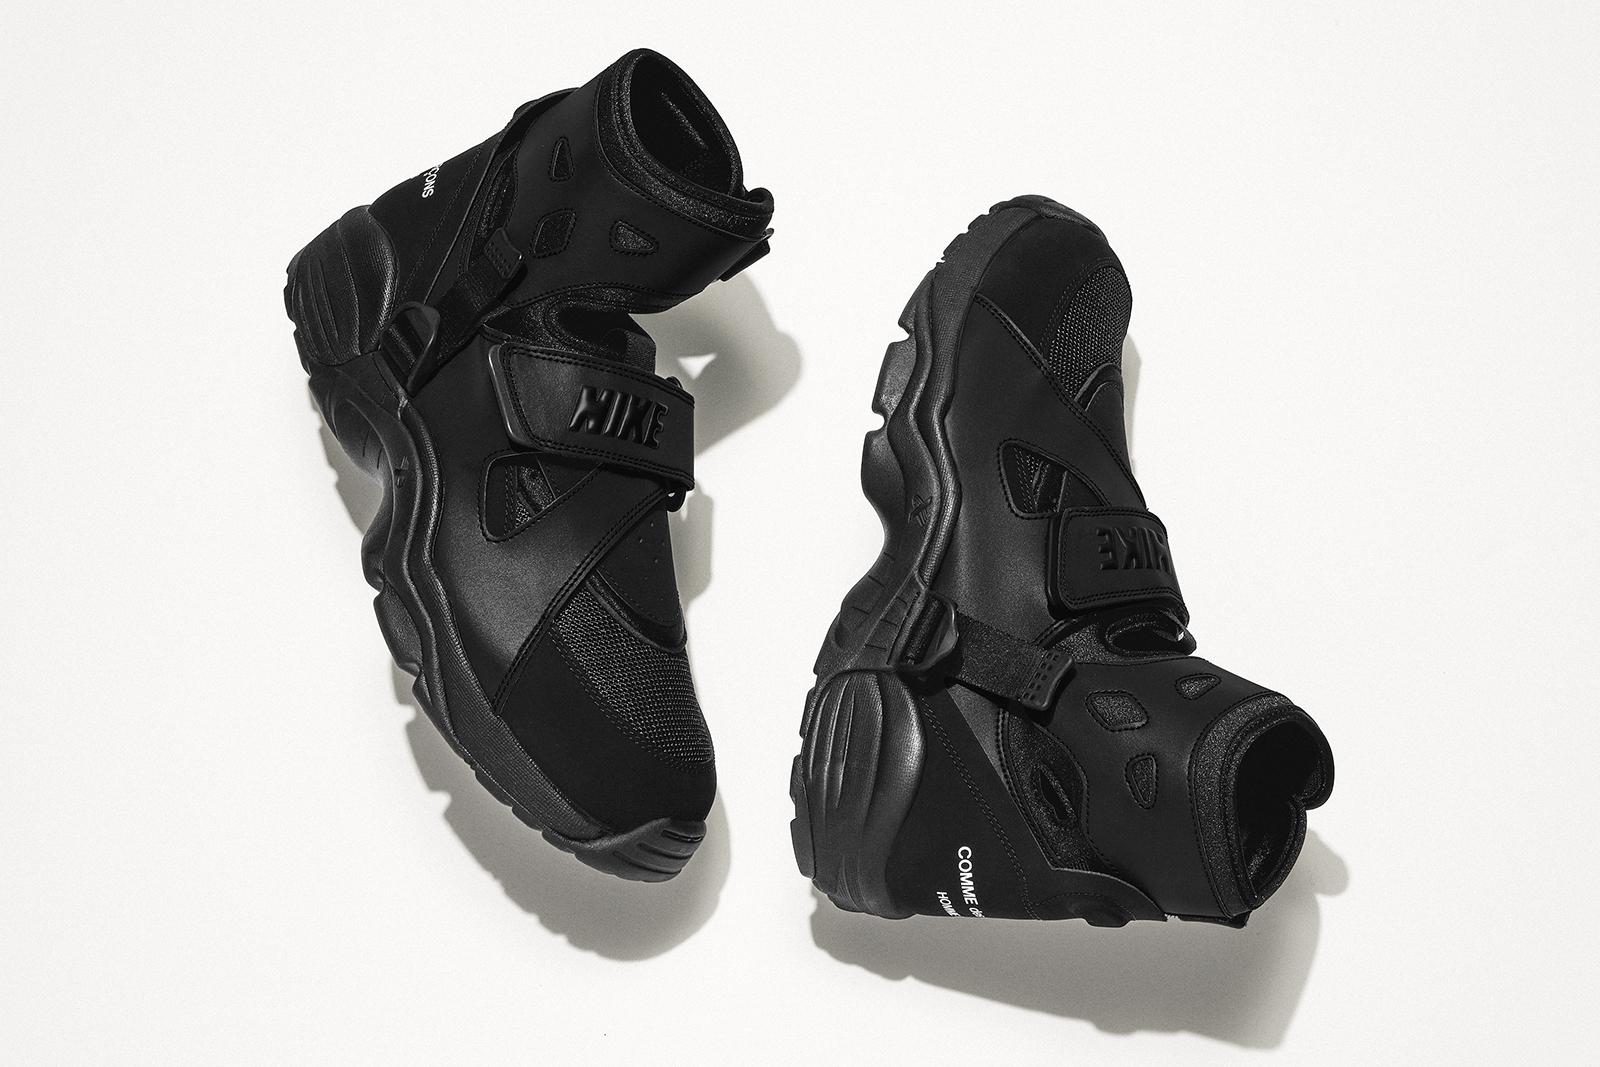 Nike x Comme des Garçons Air Carnivore